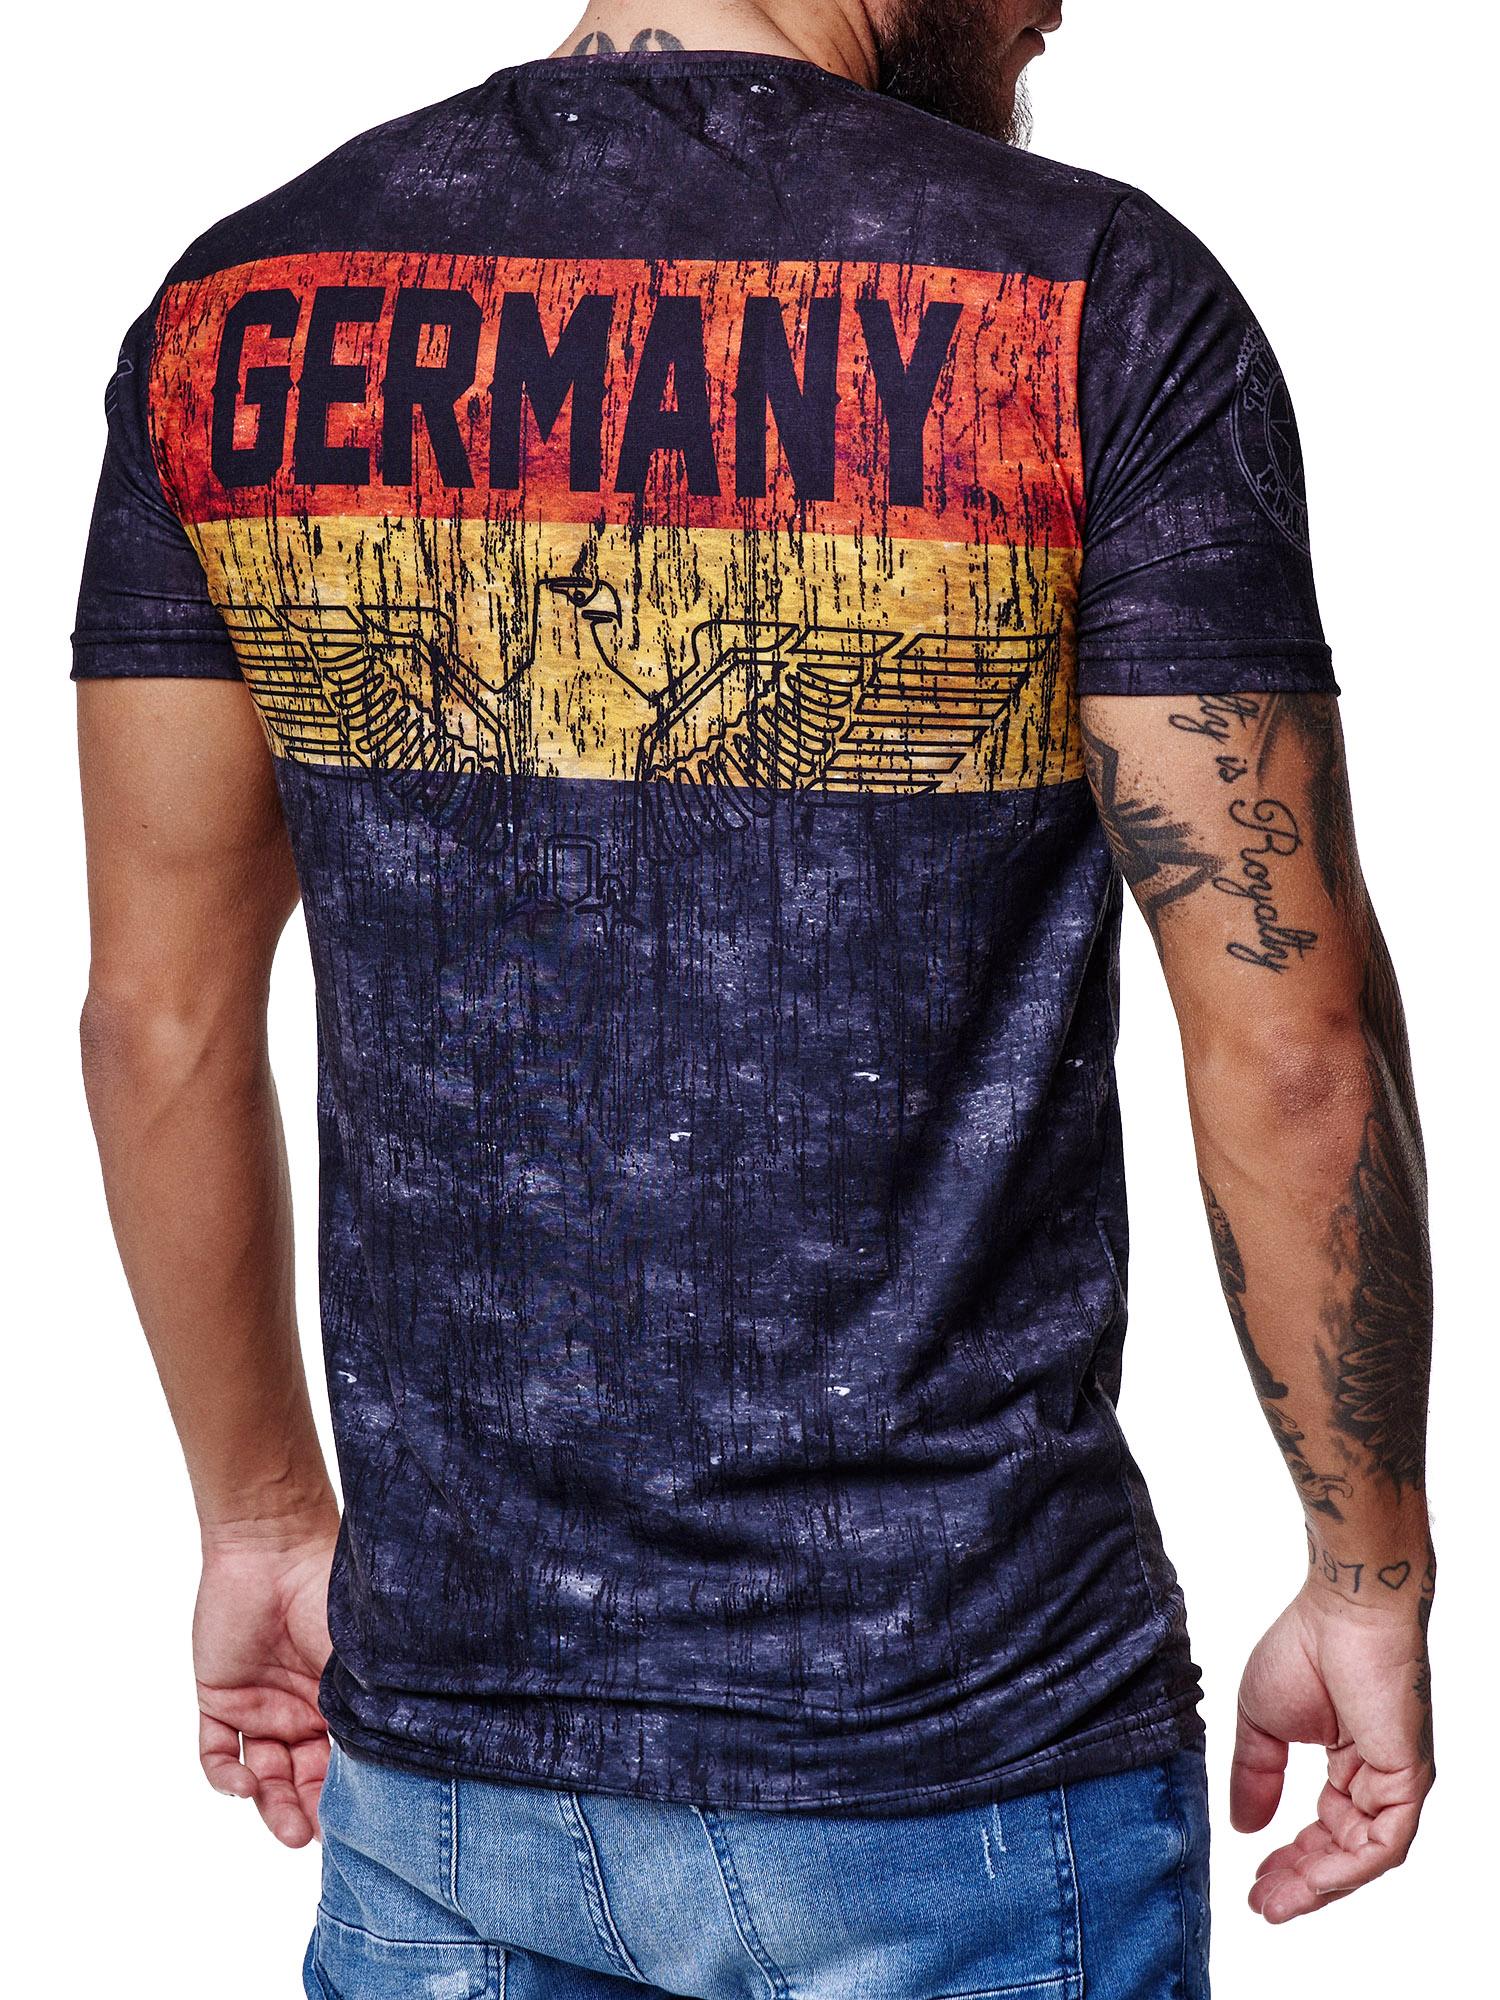 Paesi-da-Donna-T-shirt-A-Maniche-Corte-Girocollo-donne-CALCIO-Fanshirt-John-Kayna miniatura 50